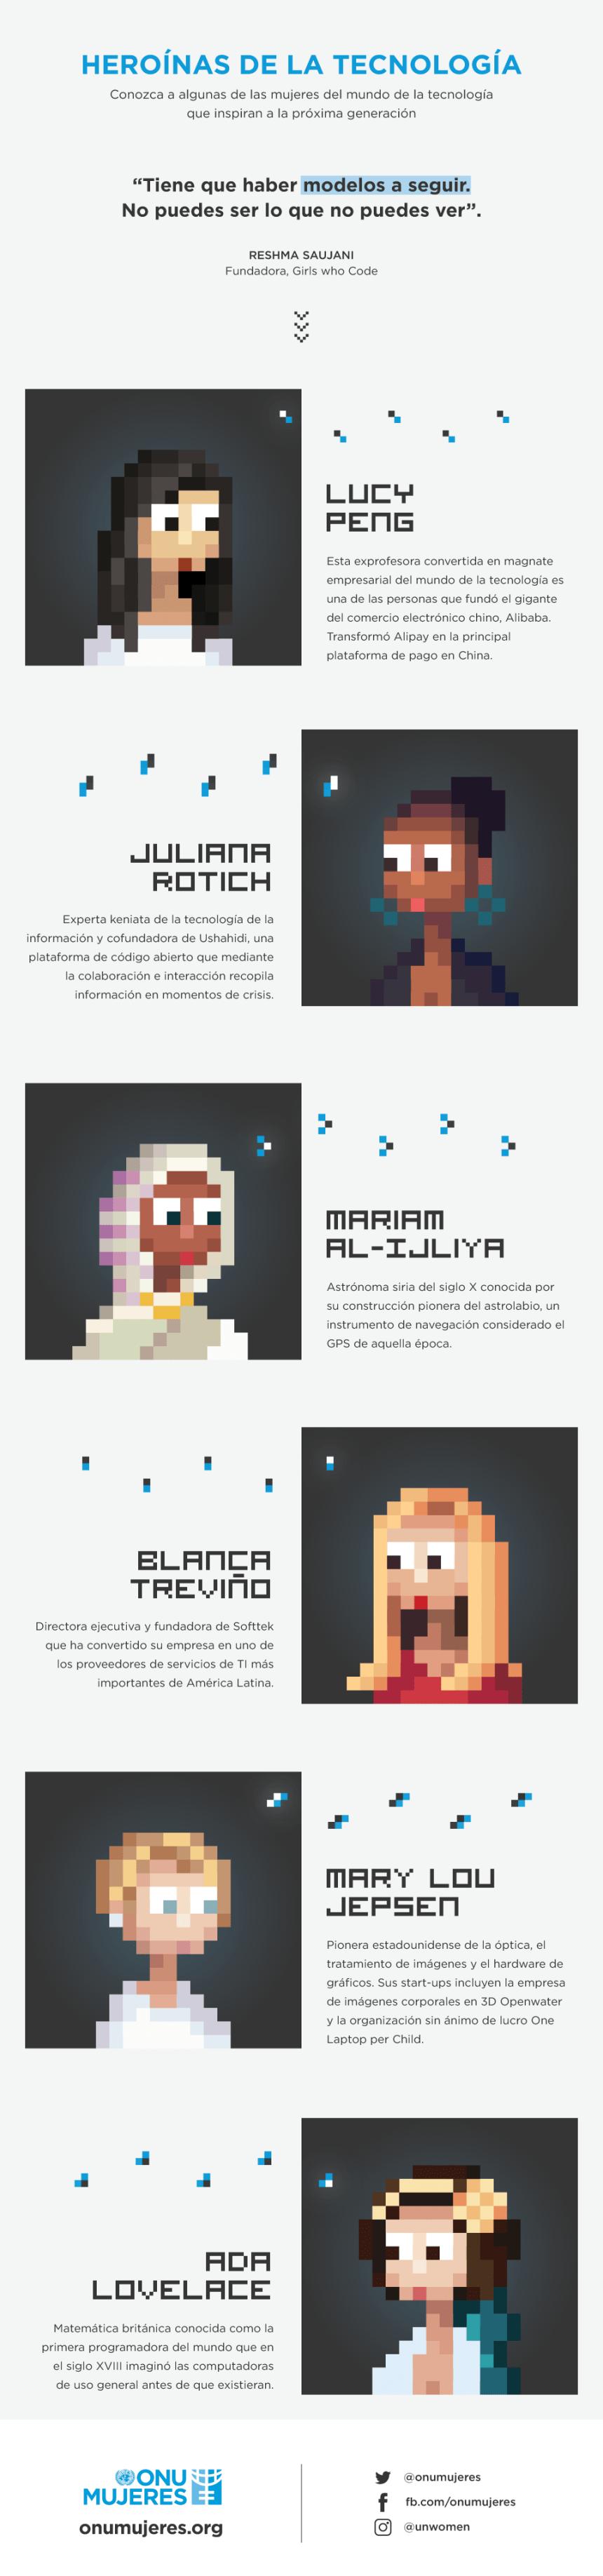 Heroínas de la Tecnología